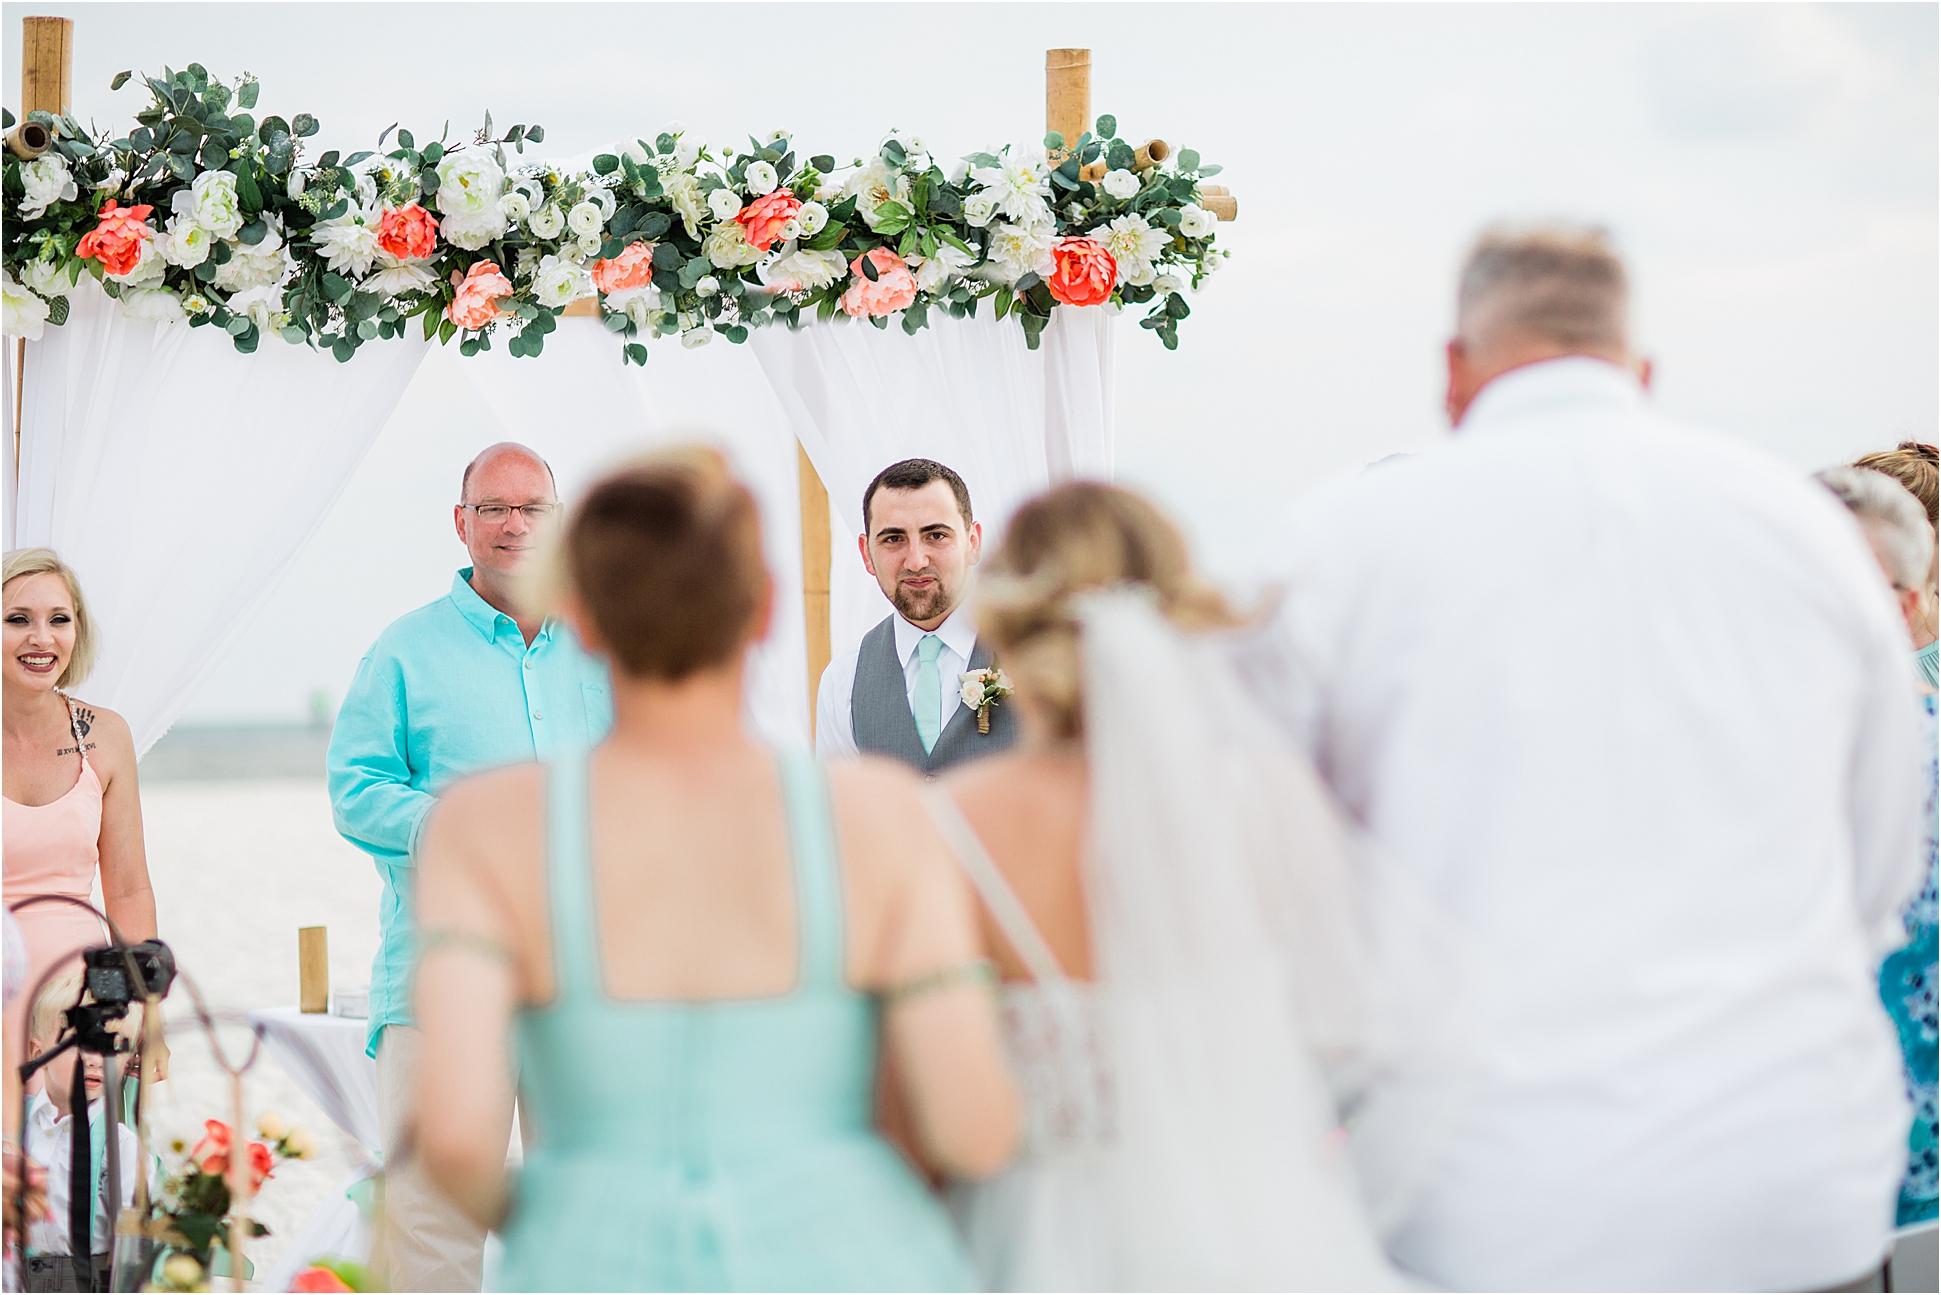 Wedding Ceremonies in Gulf Shores